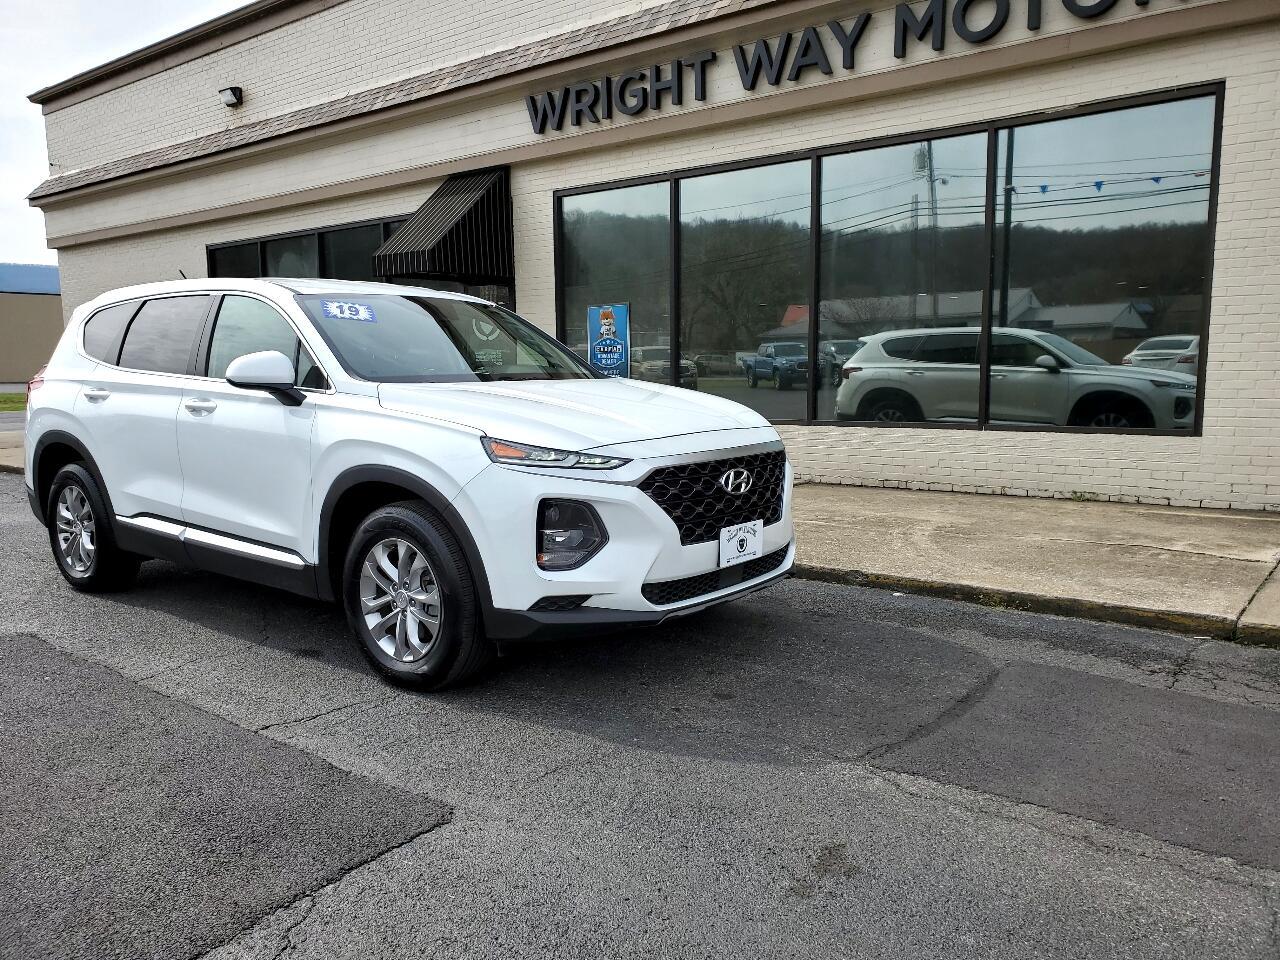 Hyundai Santa Fe SE 2.4 AWD 2019